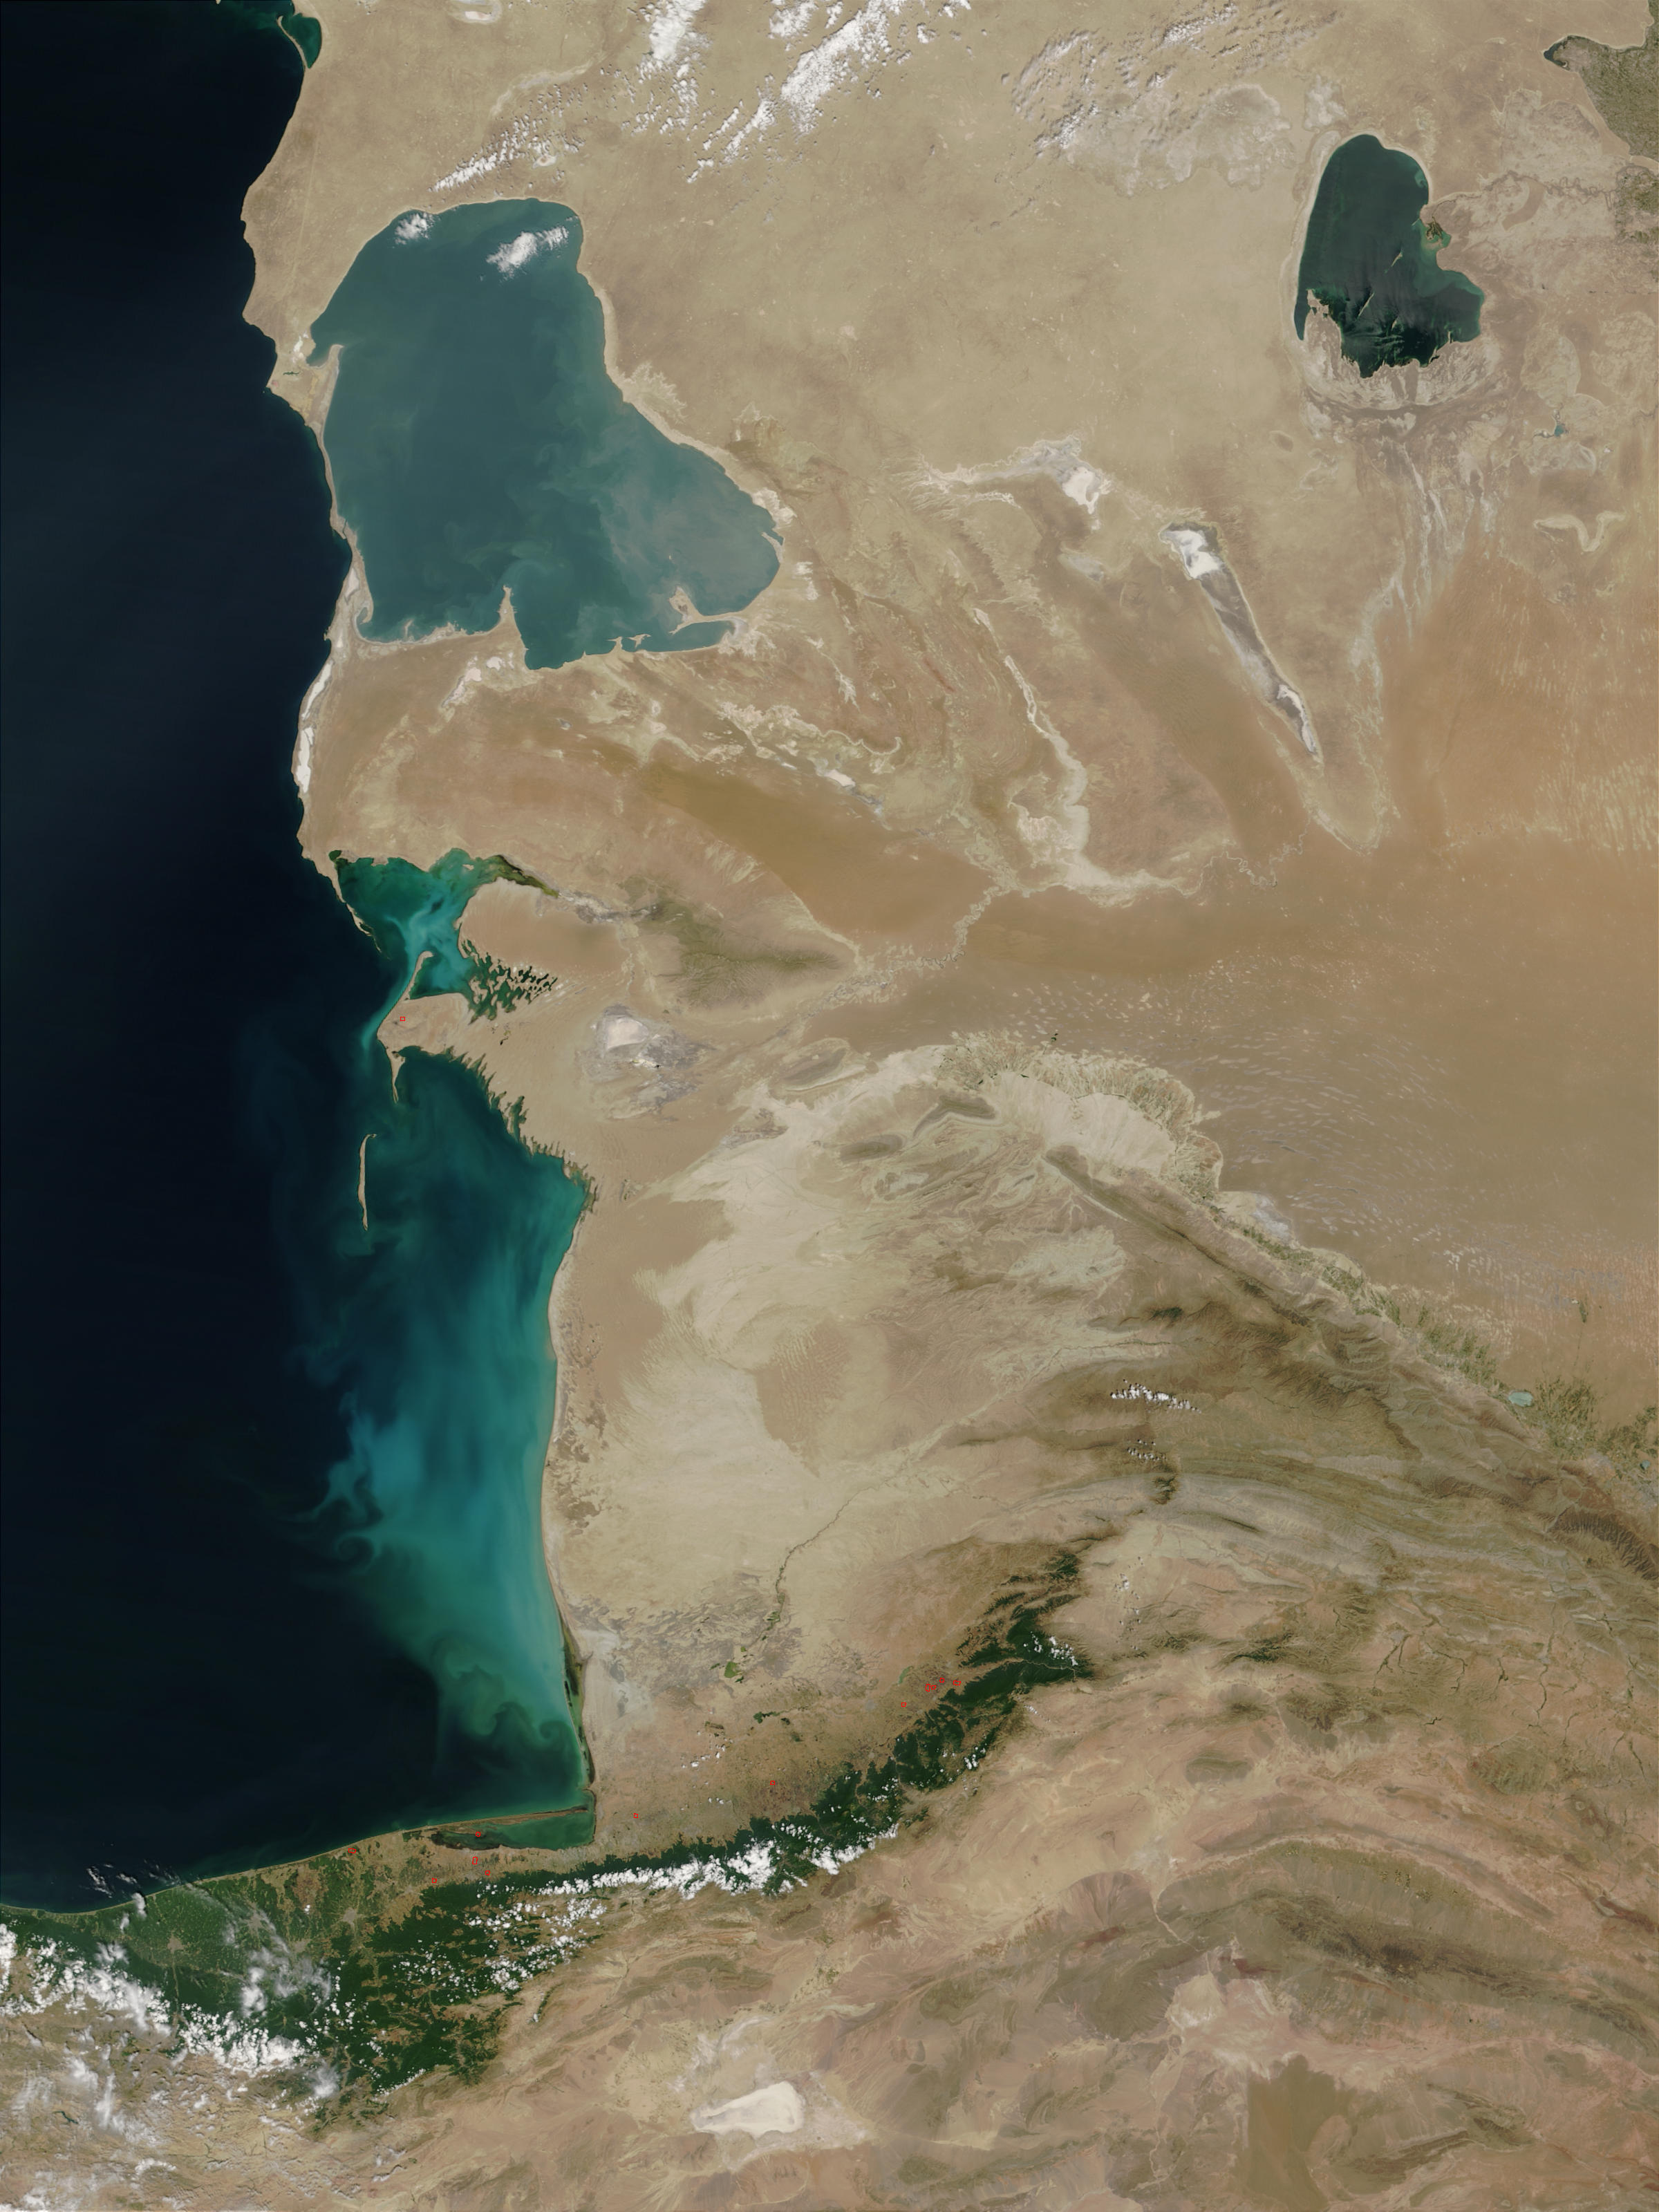 Caspian Sea, Turkmenistan